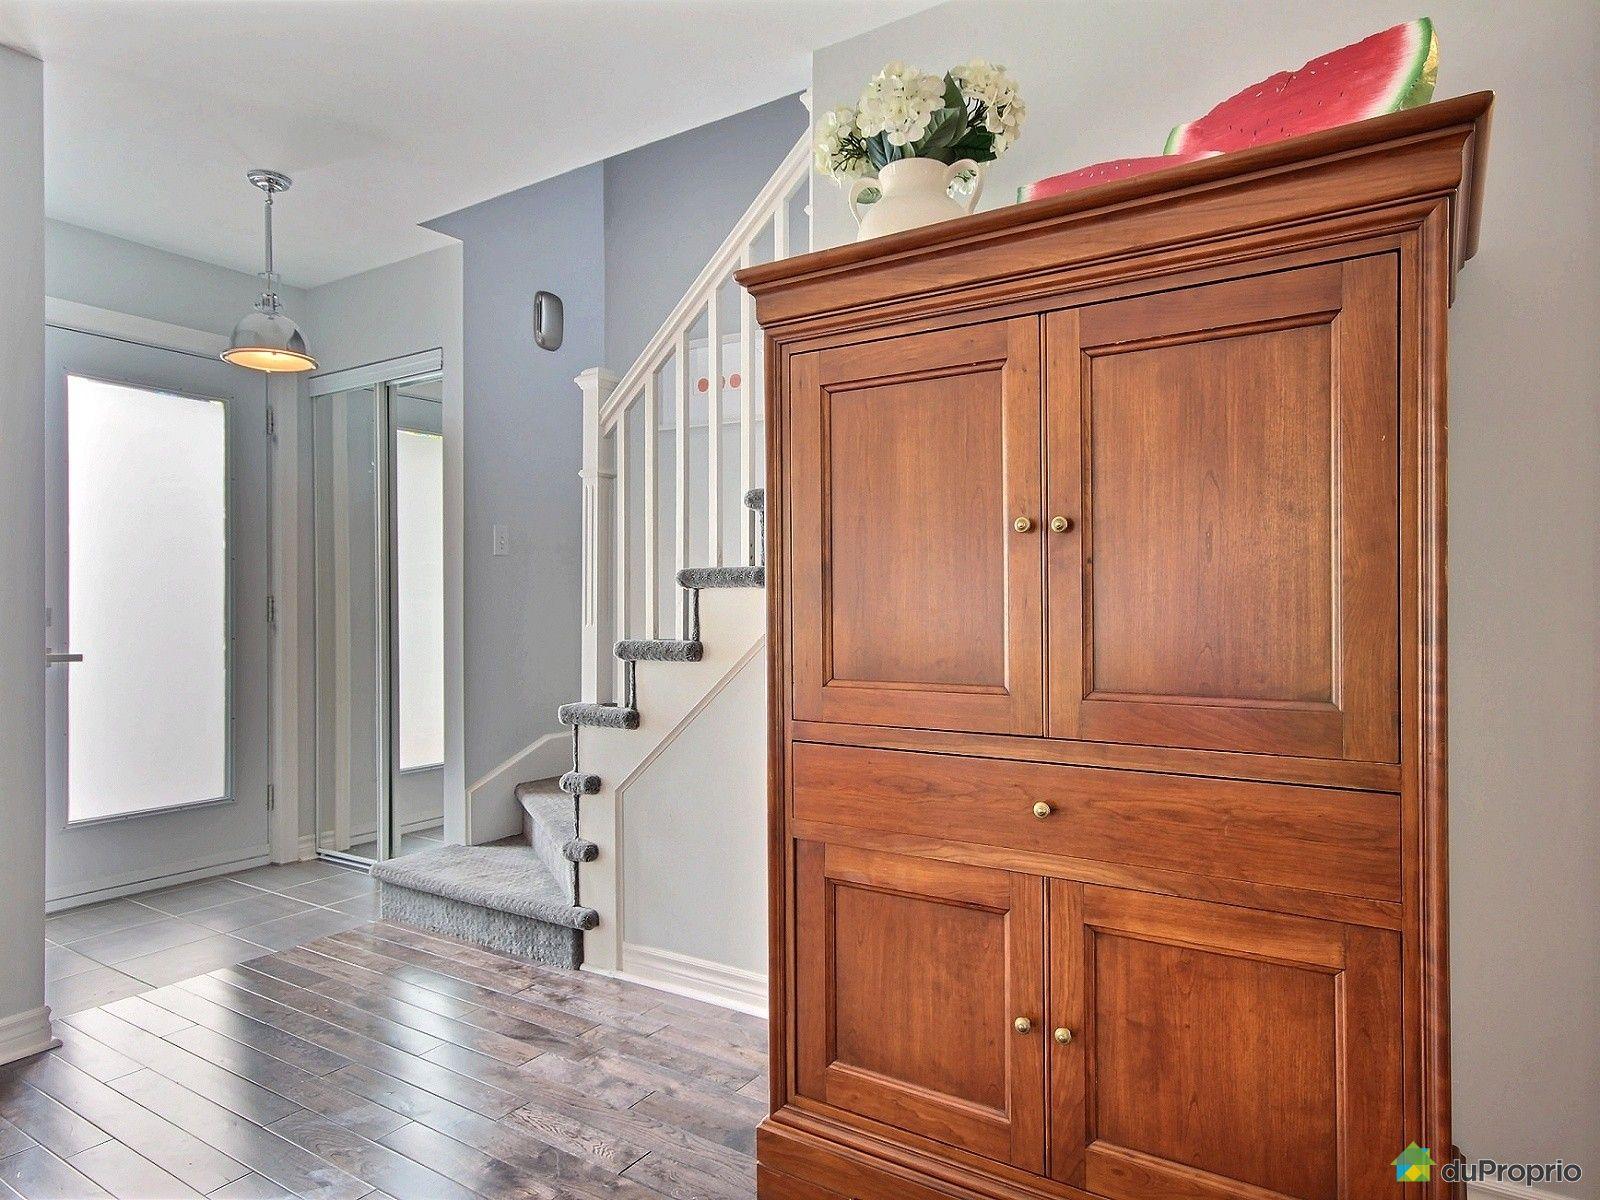 Maison vendu Boucherville, immobilier Québec  DuProprio ...